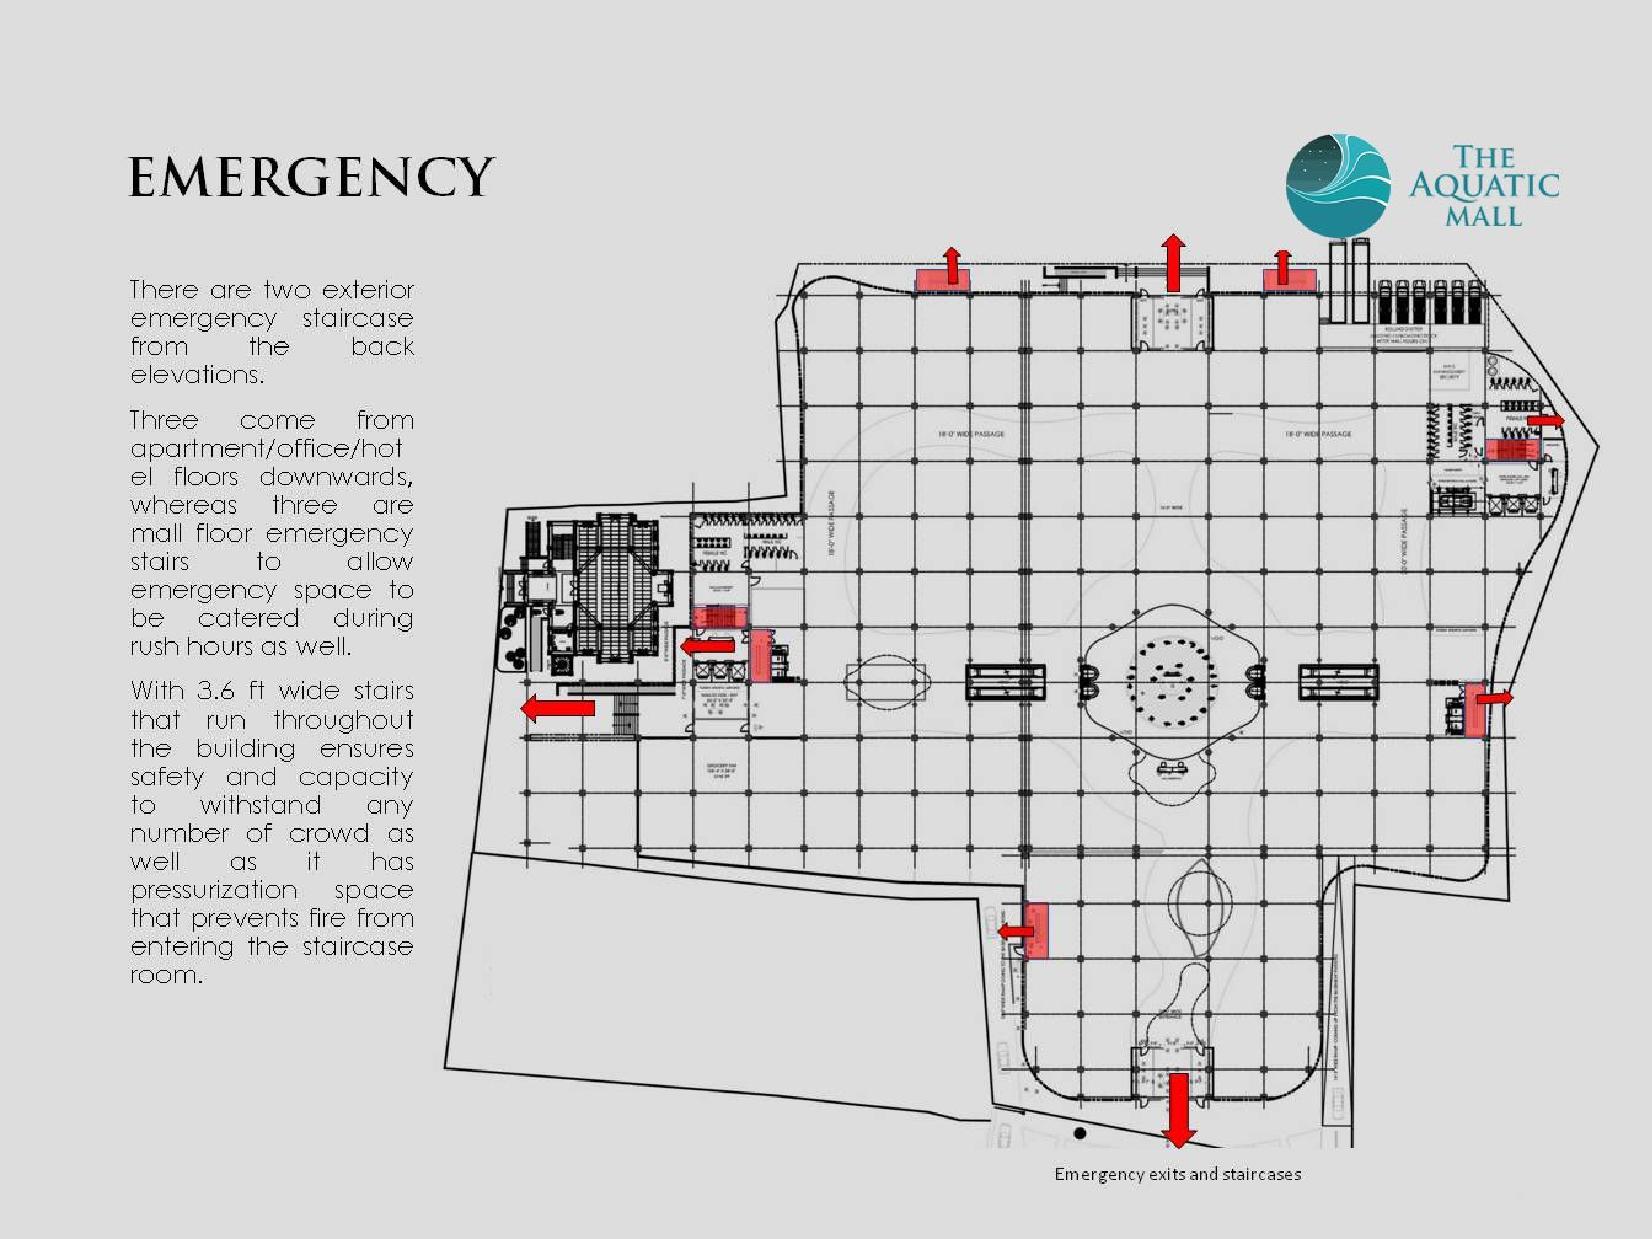 Aquatic Mall Emenrgency Stairs Plan